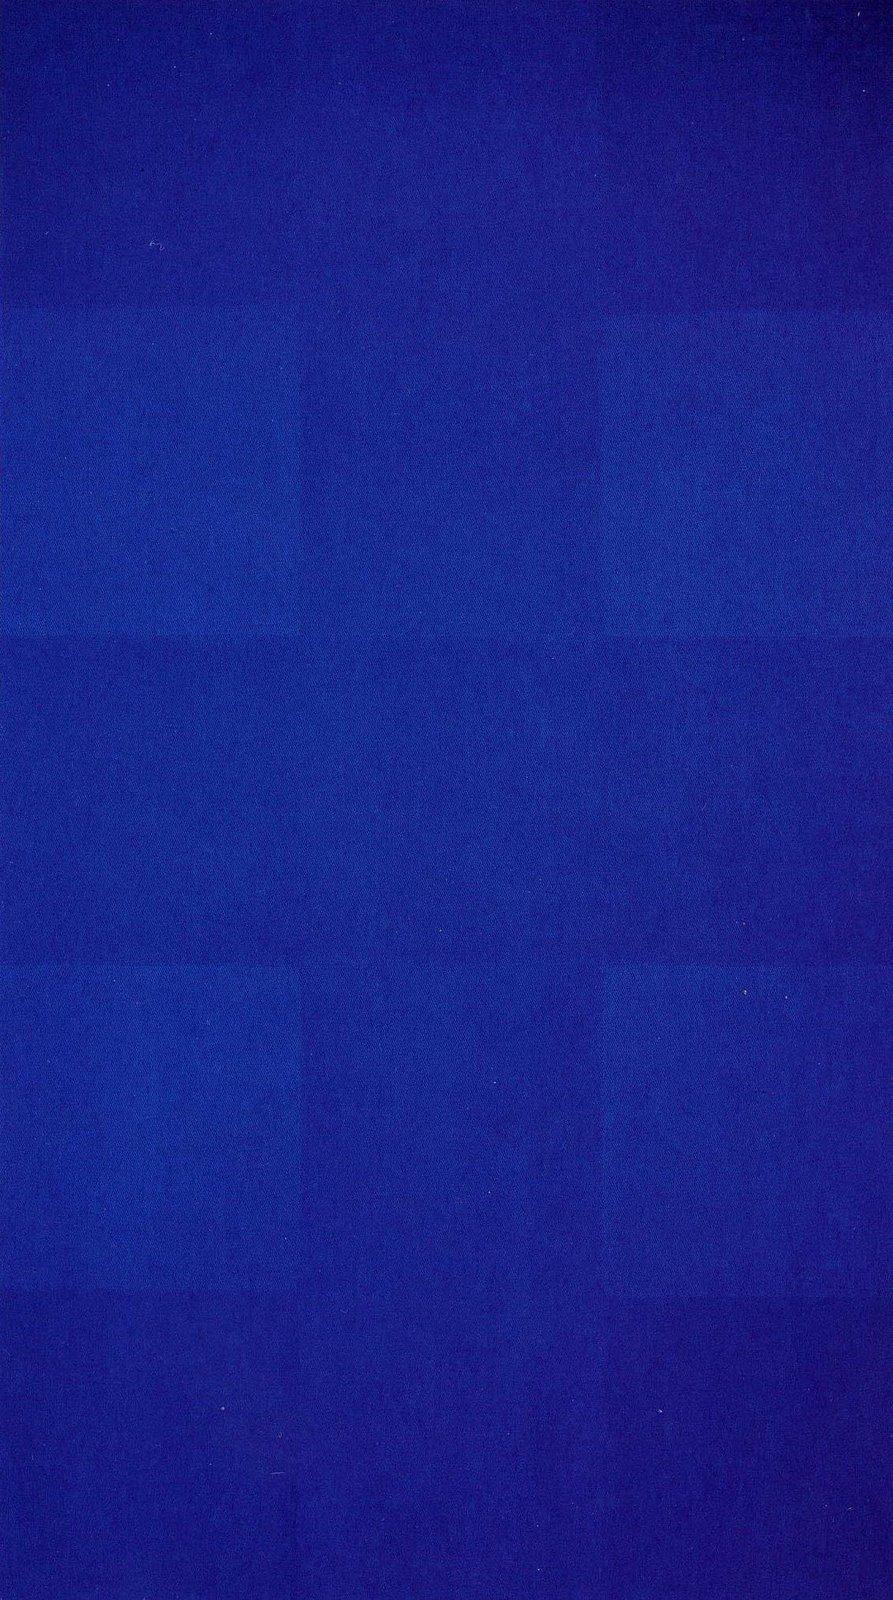 [abstract+bleu]